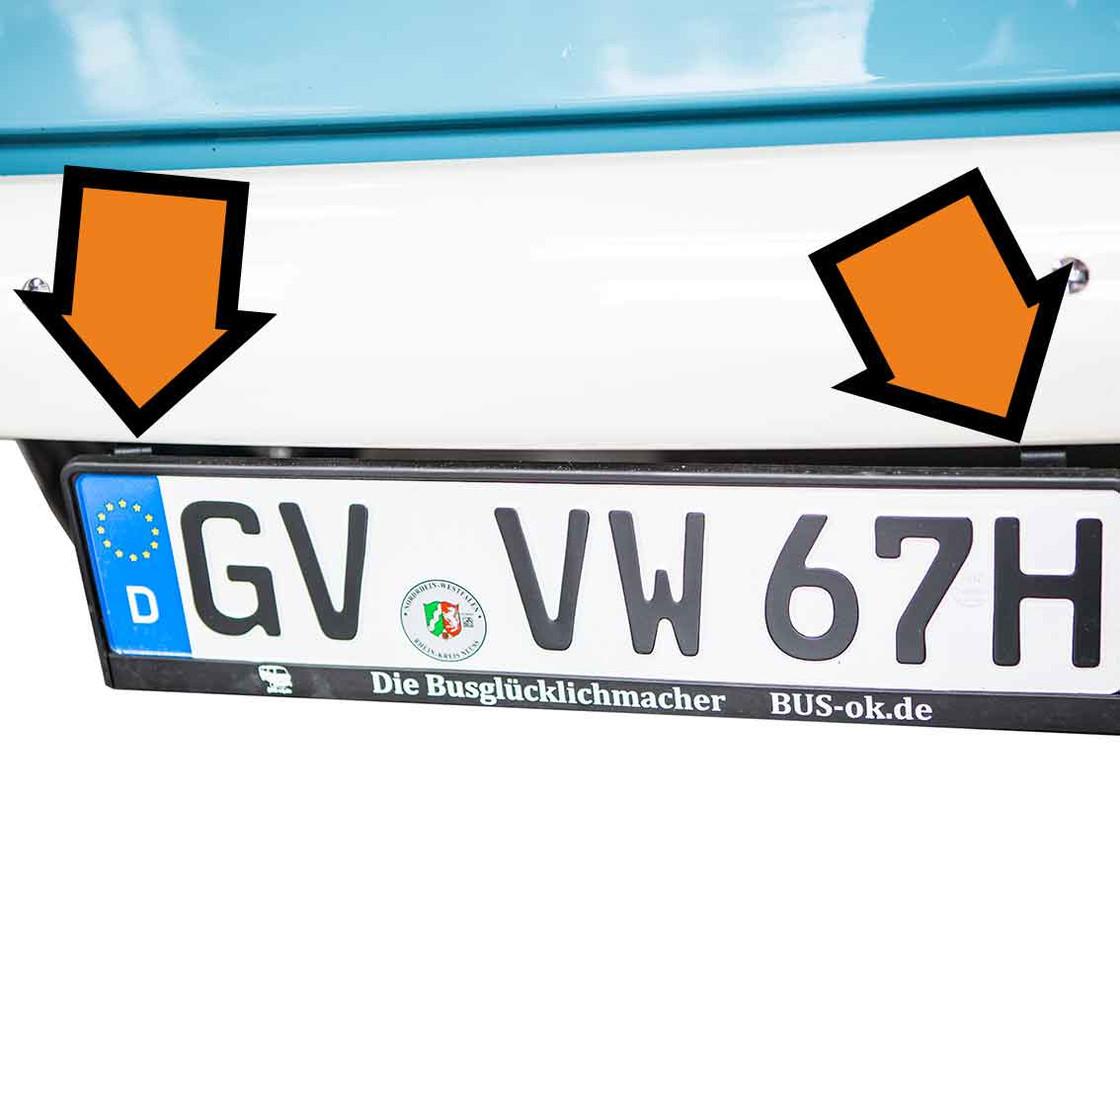 Paar Kennzeichenhalter zum Anklemmen an die Stoßstange. - BUS-ok.de ...